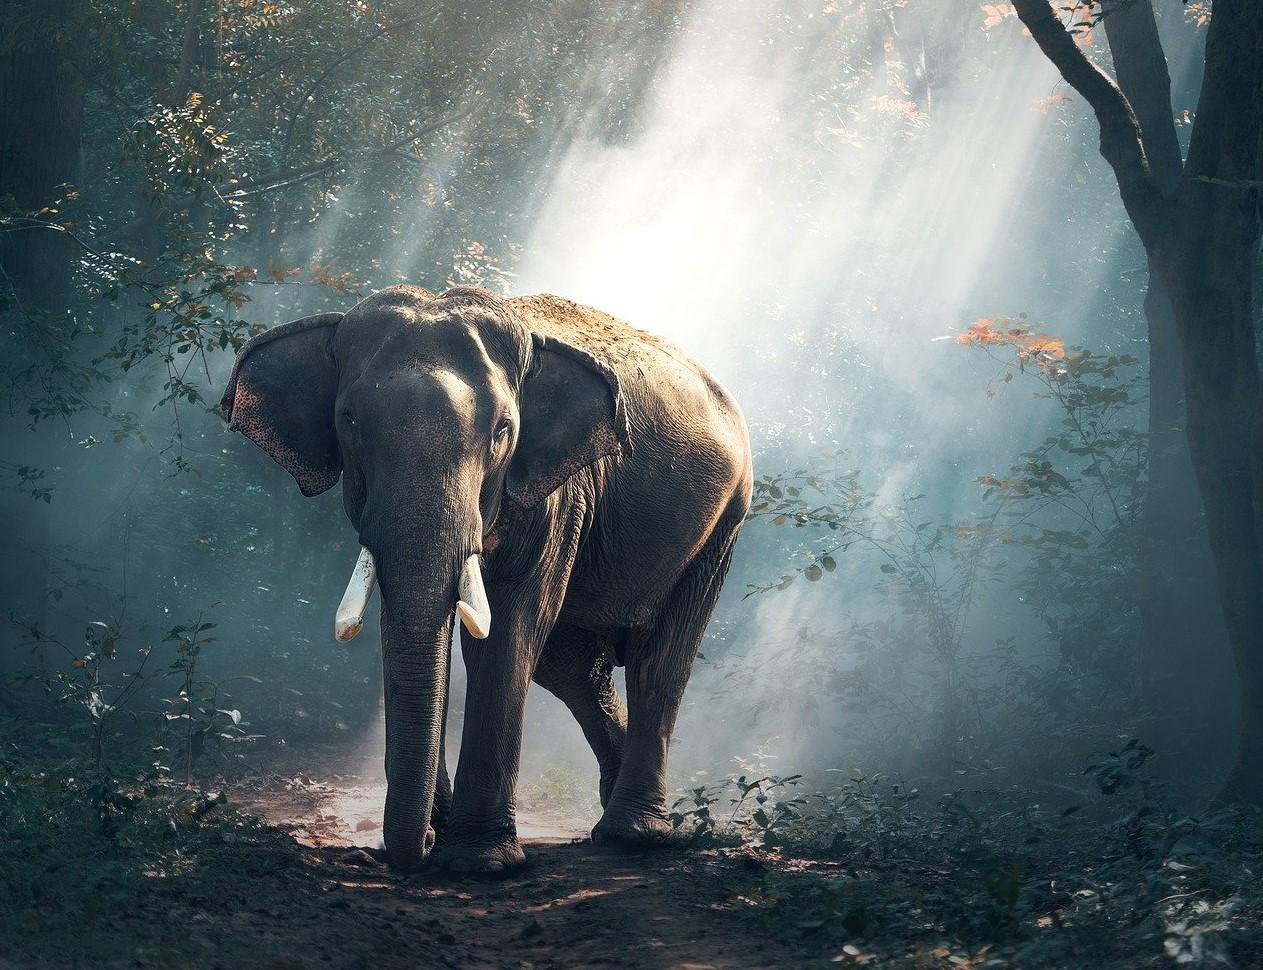 Elefant_Rückfall Beitrag